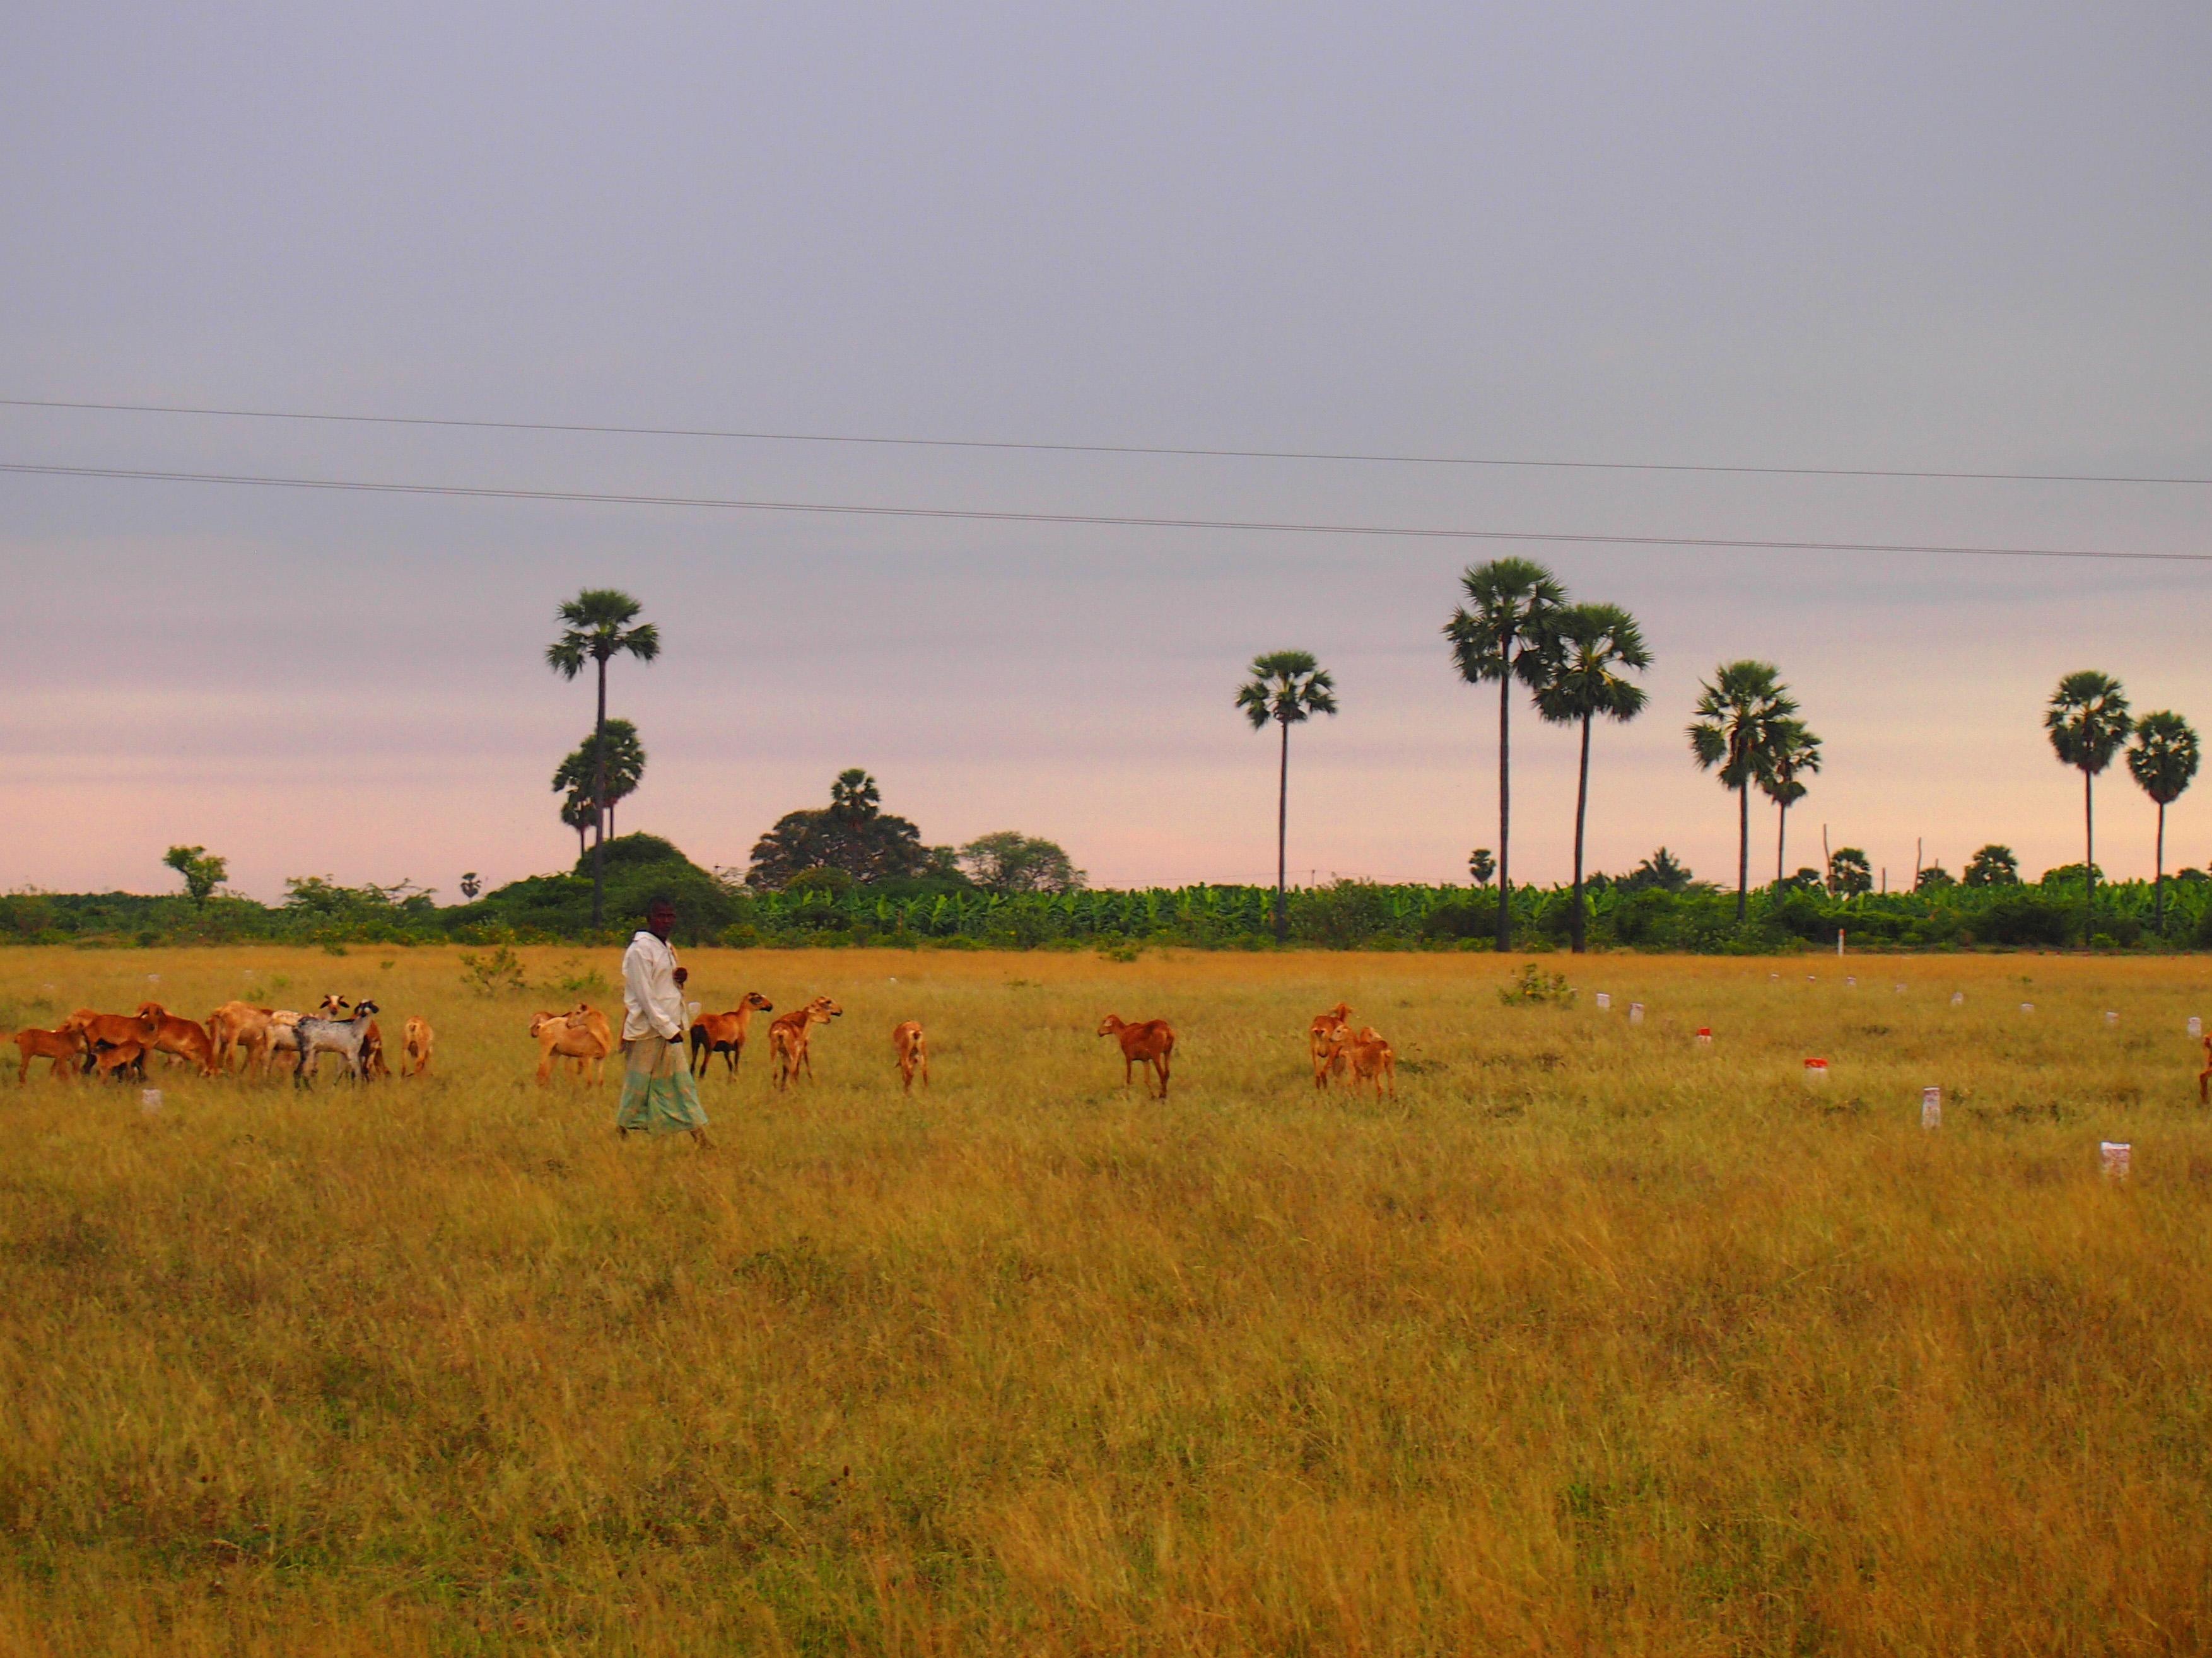 Gräsmarker till salu. En herde vandrar med sina får över ett område som ska styckas upp och säljas, villket de vita och röda markeringarna i gräset till höger i bild indikerar. Foto; Patrick Wennström